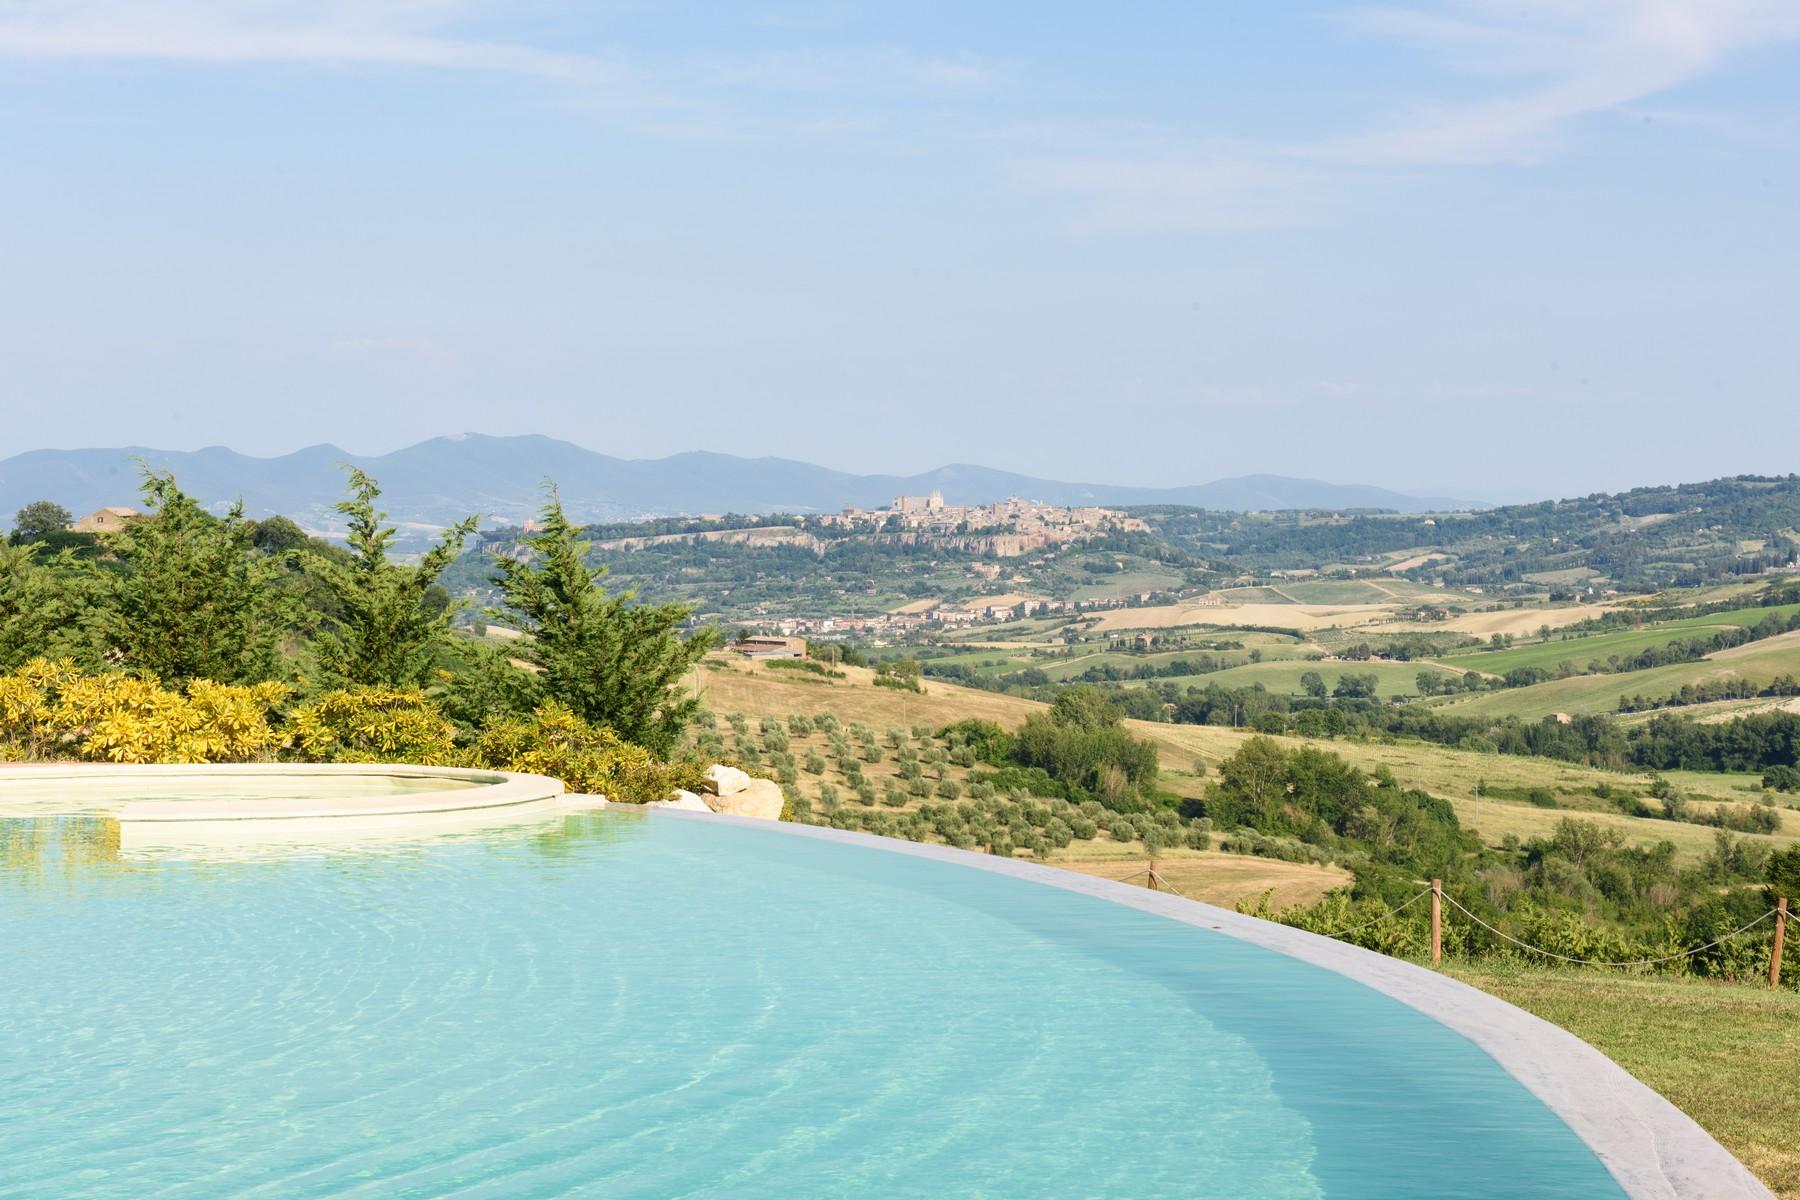 Casa indipendente in Vendita a Castel Viscardo: 5 locali, 700 mq